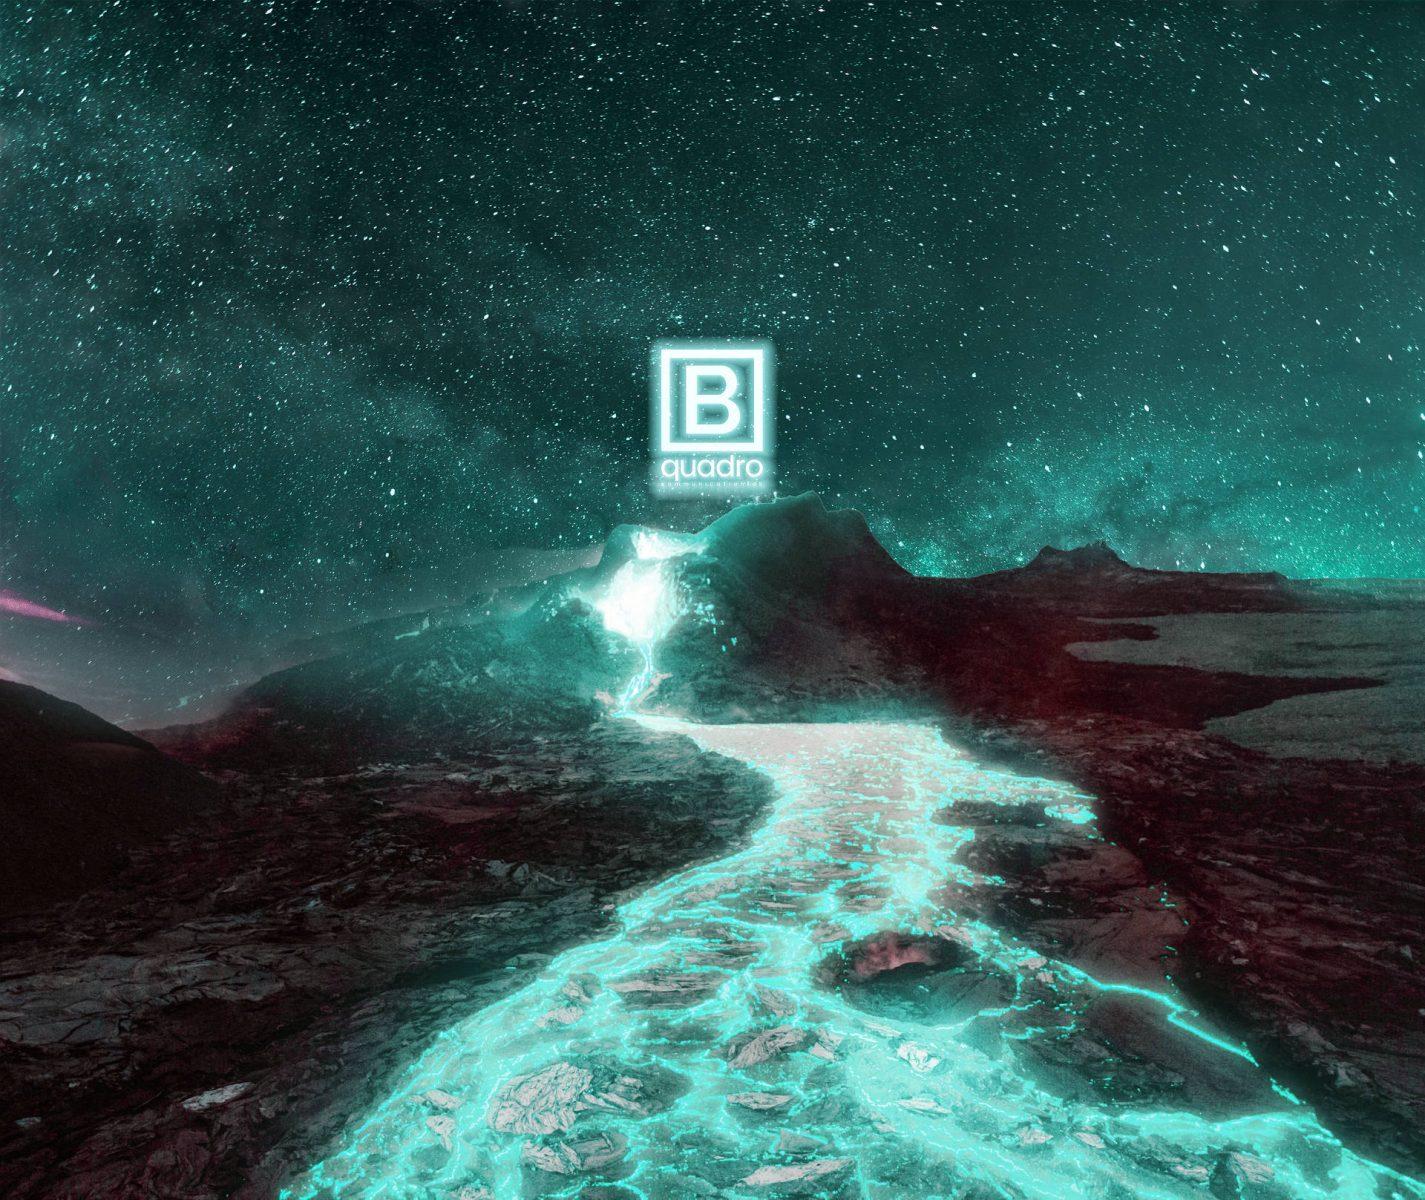 studio-immagine-coordinata-per-azienda-logo-bquadro-agency-agenzia-di-comunicazione-e-grafica-di-brescia